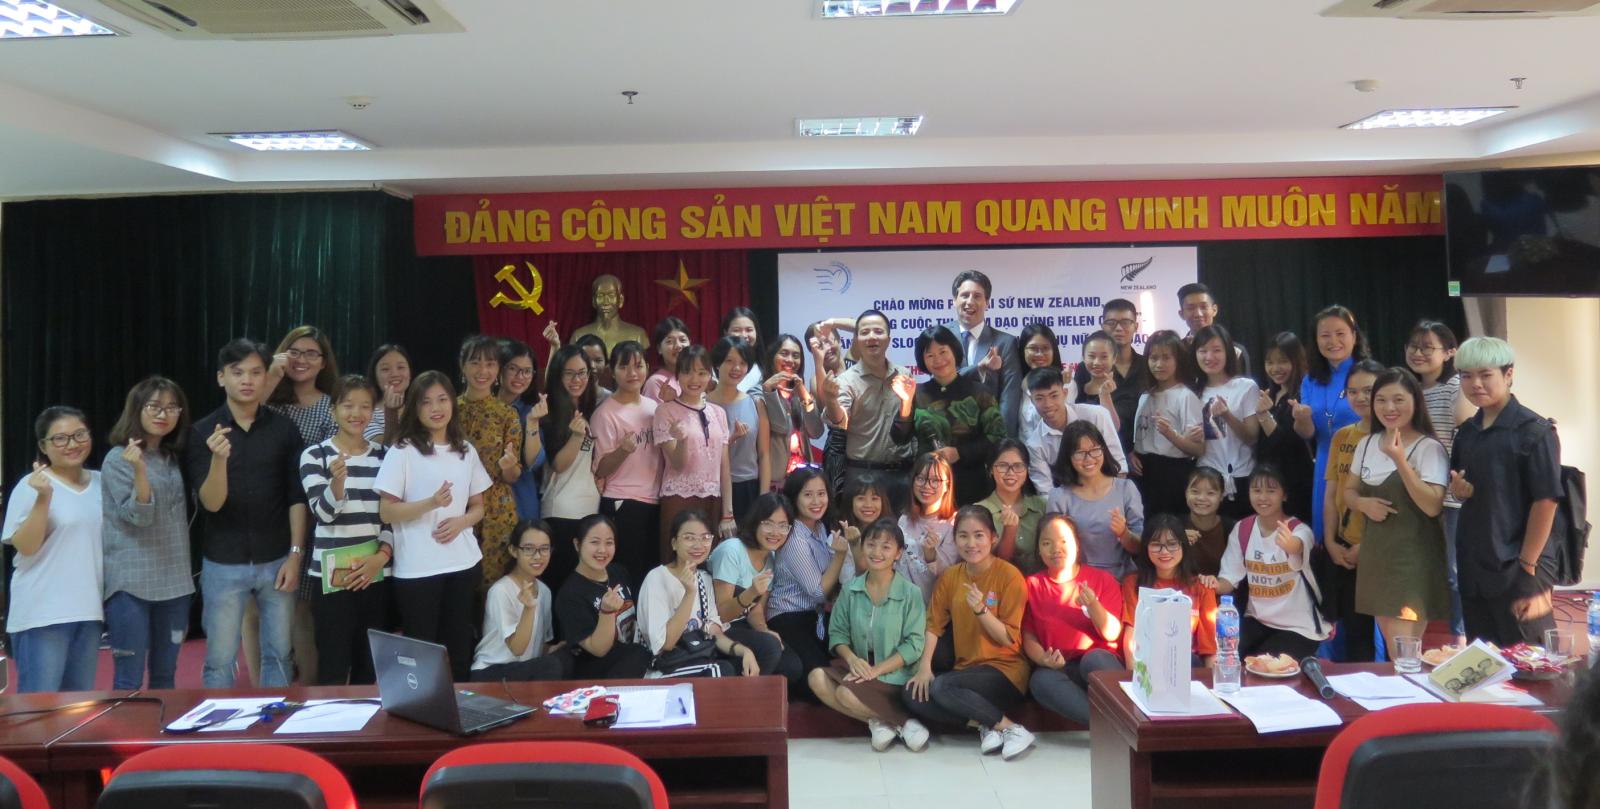 Học viện Phụ nữ Việt Nam đón tiếp Phó Đại sứ New Zealand tại Việt Nam